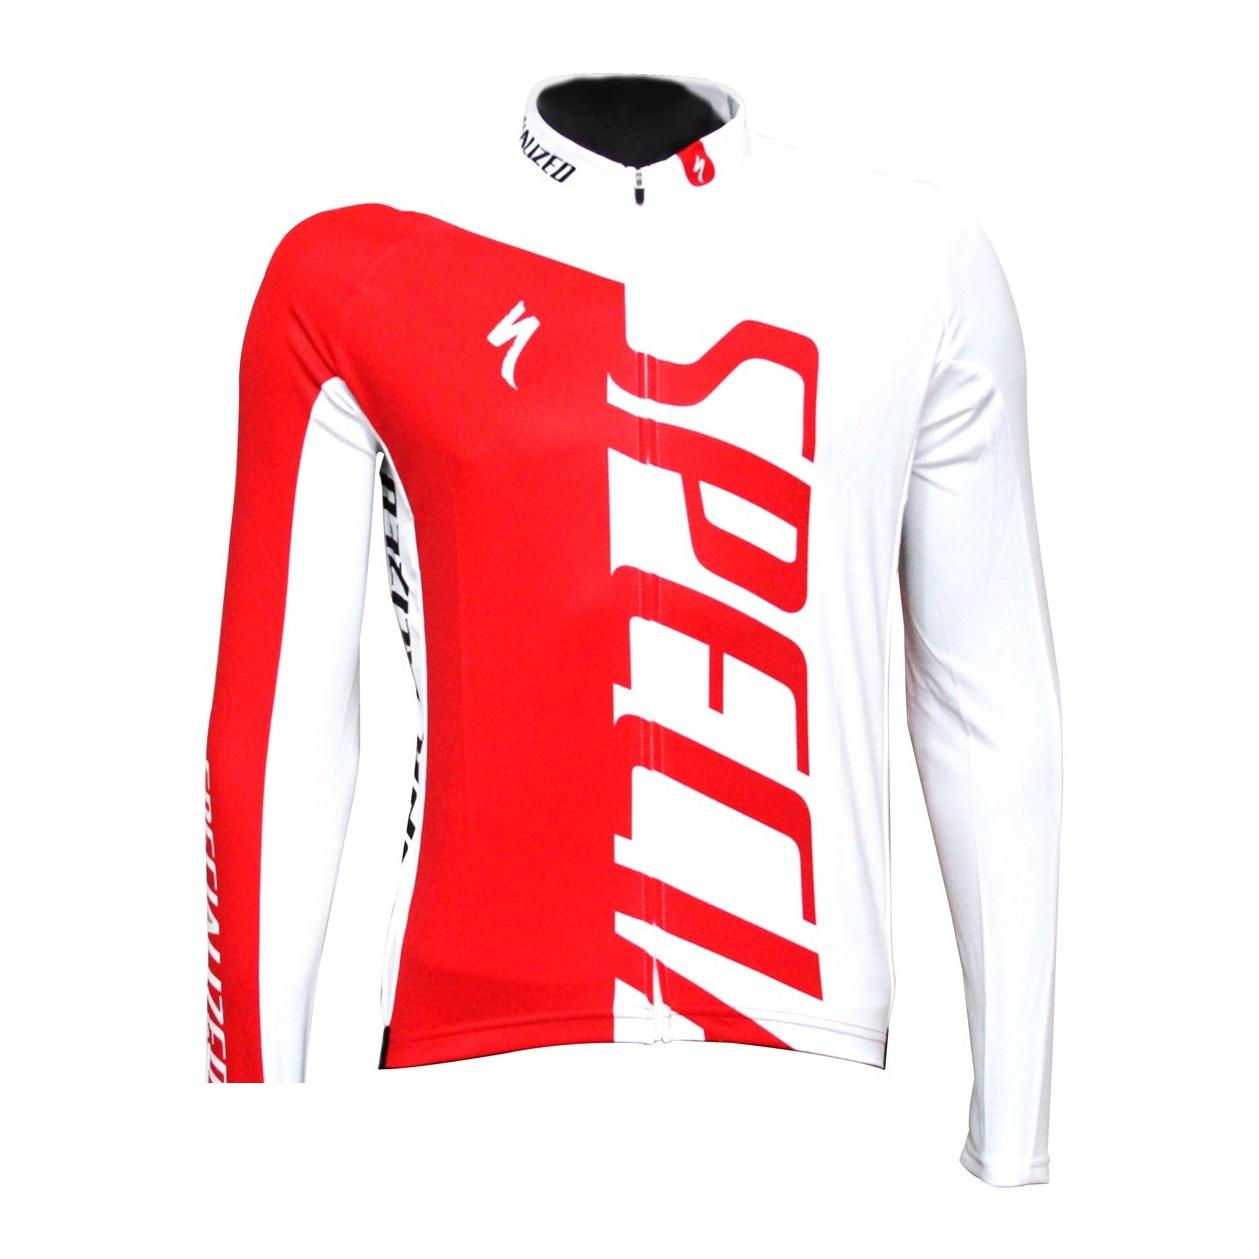 پیراهن دوچرخه سواری اسپشیالایزد مدل Authentic Team 644-5001